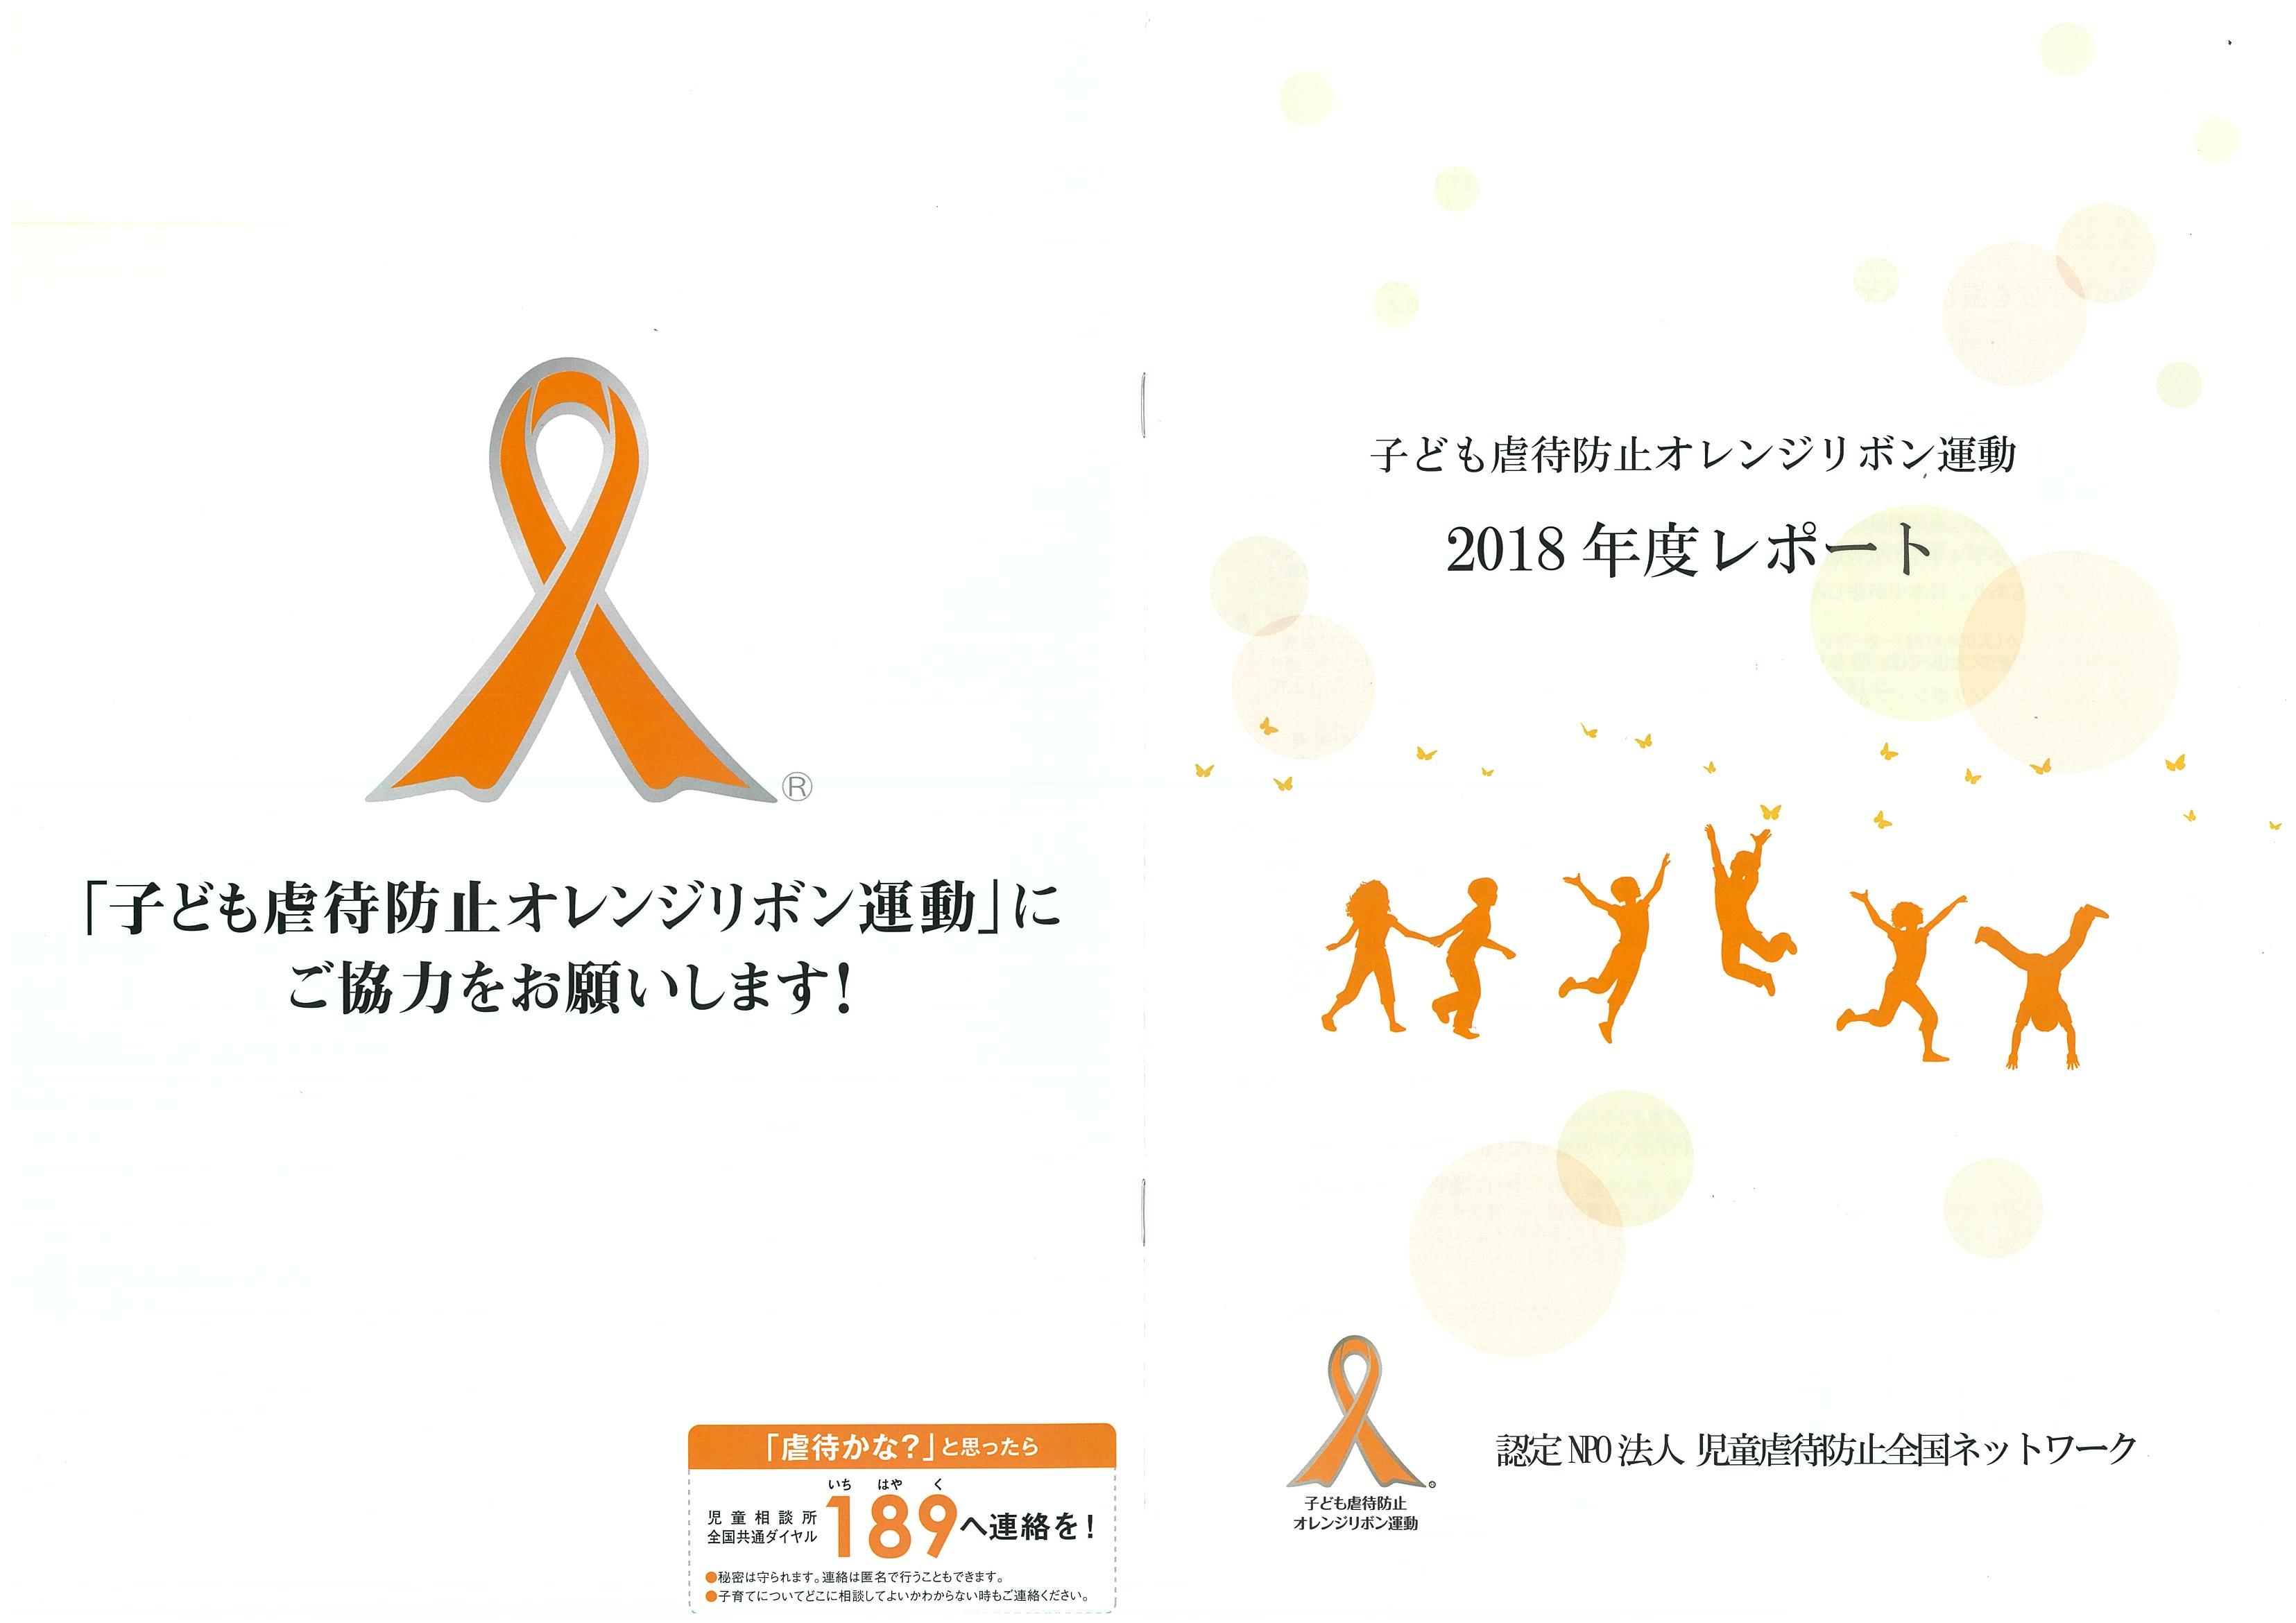 認定NPO法人児童虐待防止全国ネットワーク(オレンジリボン)